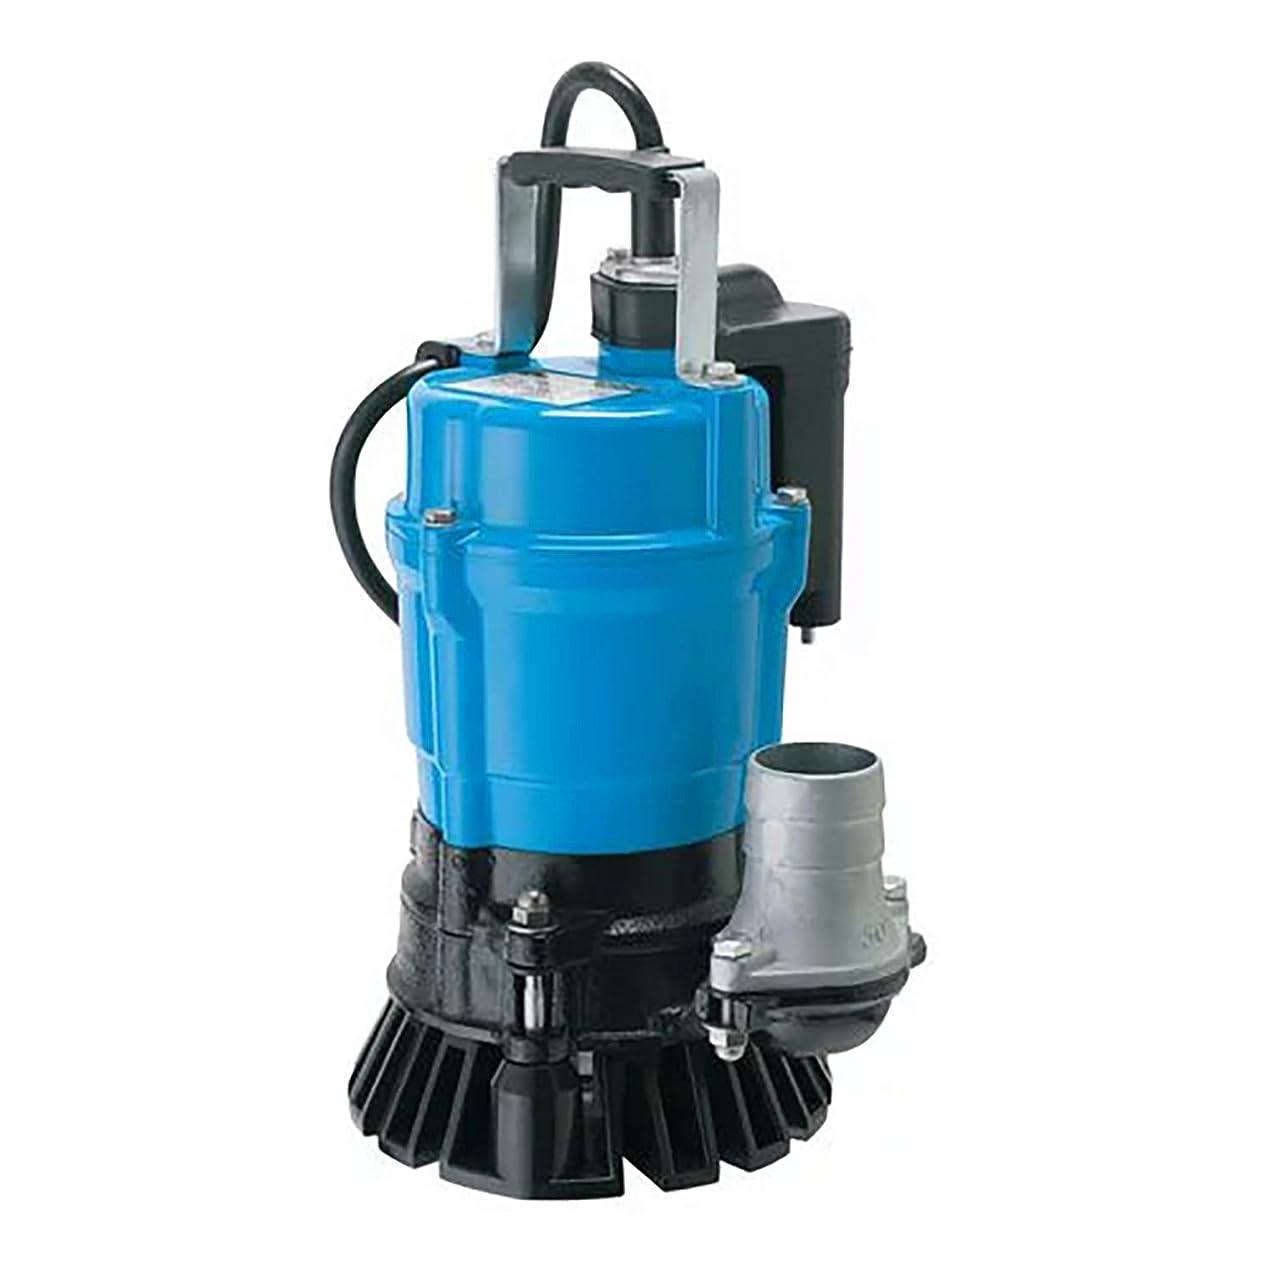 その浪費アラビア語ツルミ 泥水工事排水用自動水中ポンプ HSE2.4S   60HZ